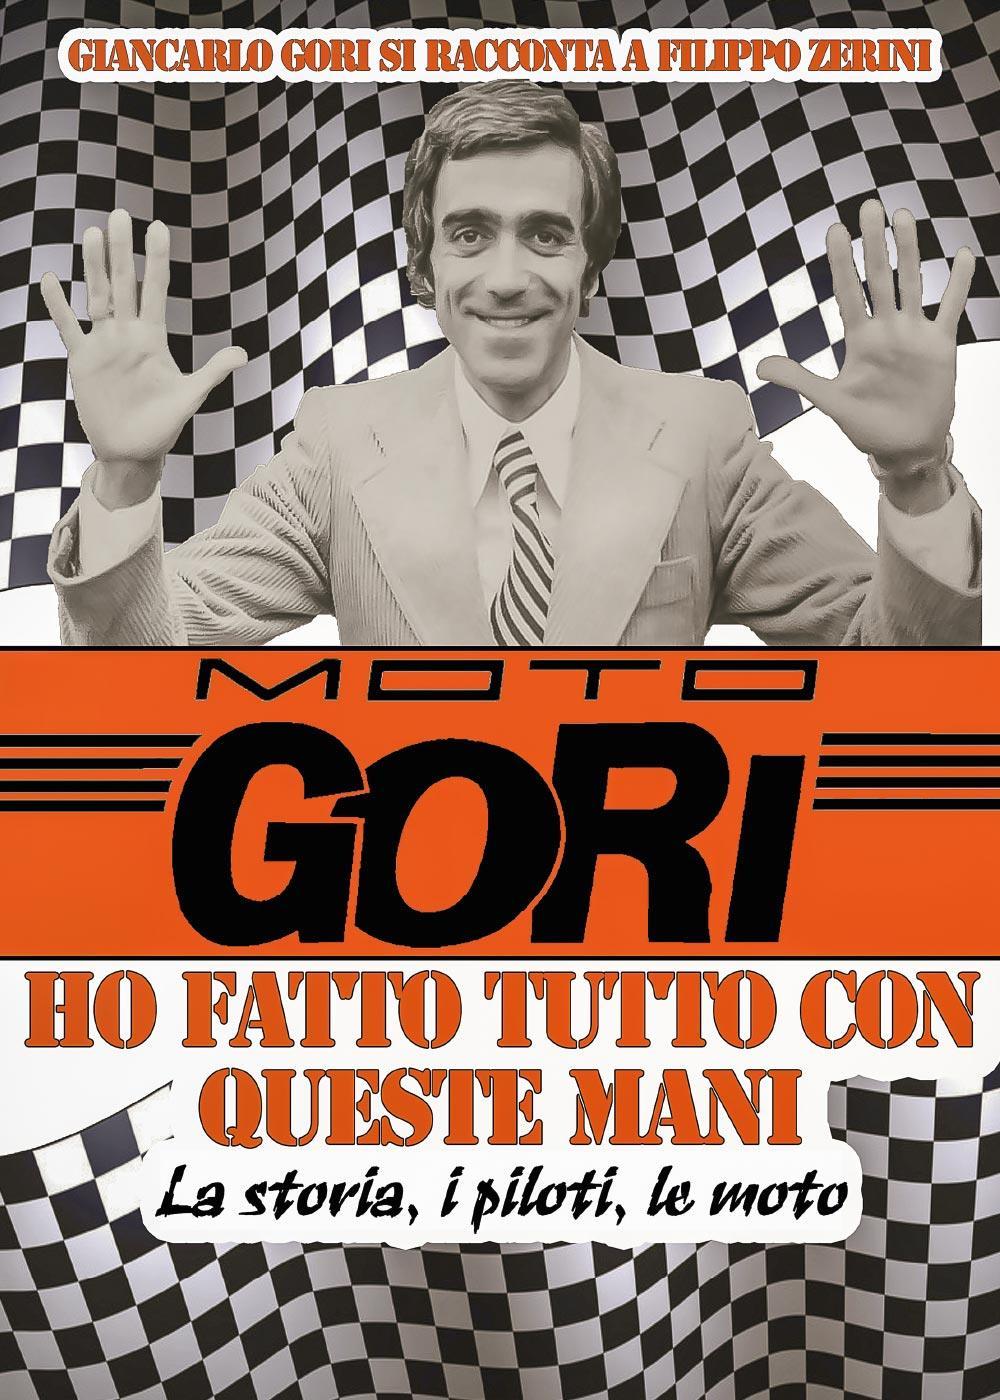 Moto Gori - Ho fatto tutto con queste mani